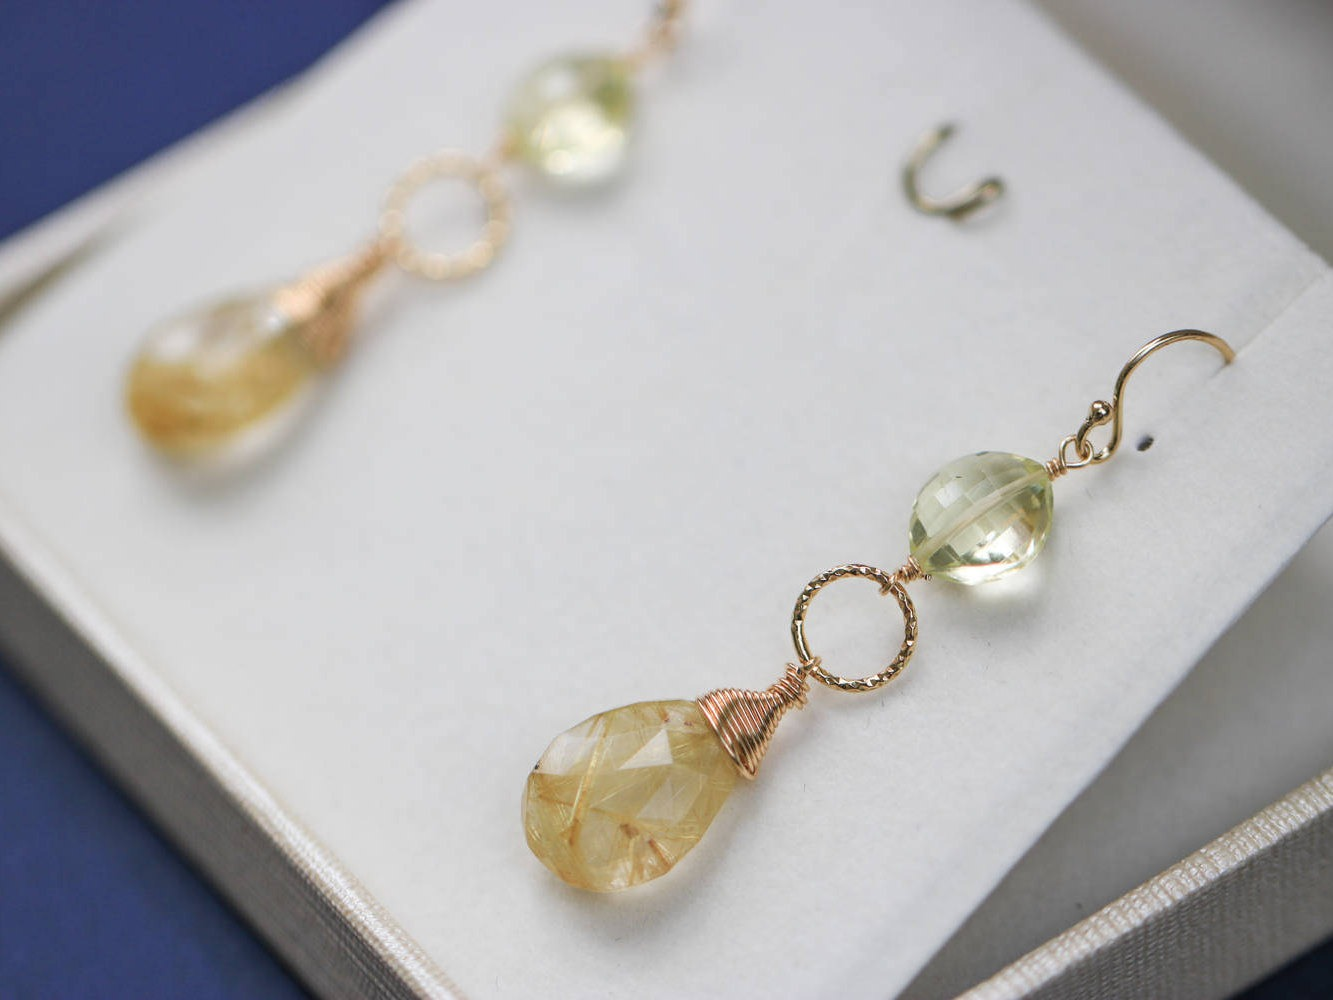 Golden rutilated quartz earrings with lemon quartz in gold for Golden rutilated quartz jewelry